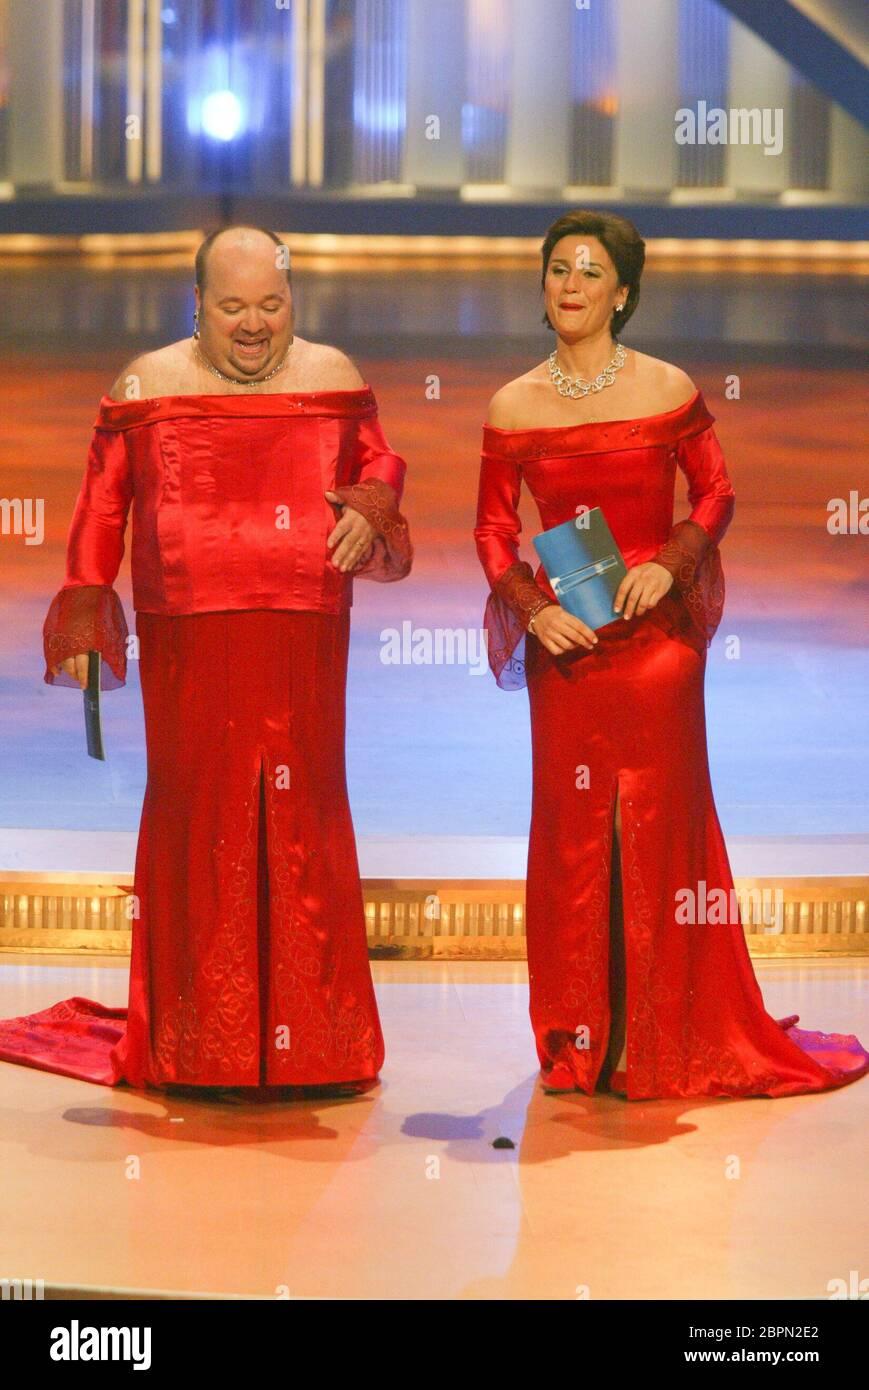 Deutscher Fernsehpreis 2002  - Moderatoren Dirk Bach und Sandra Maischberger. Stock Photo